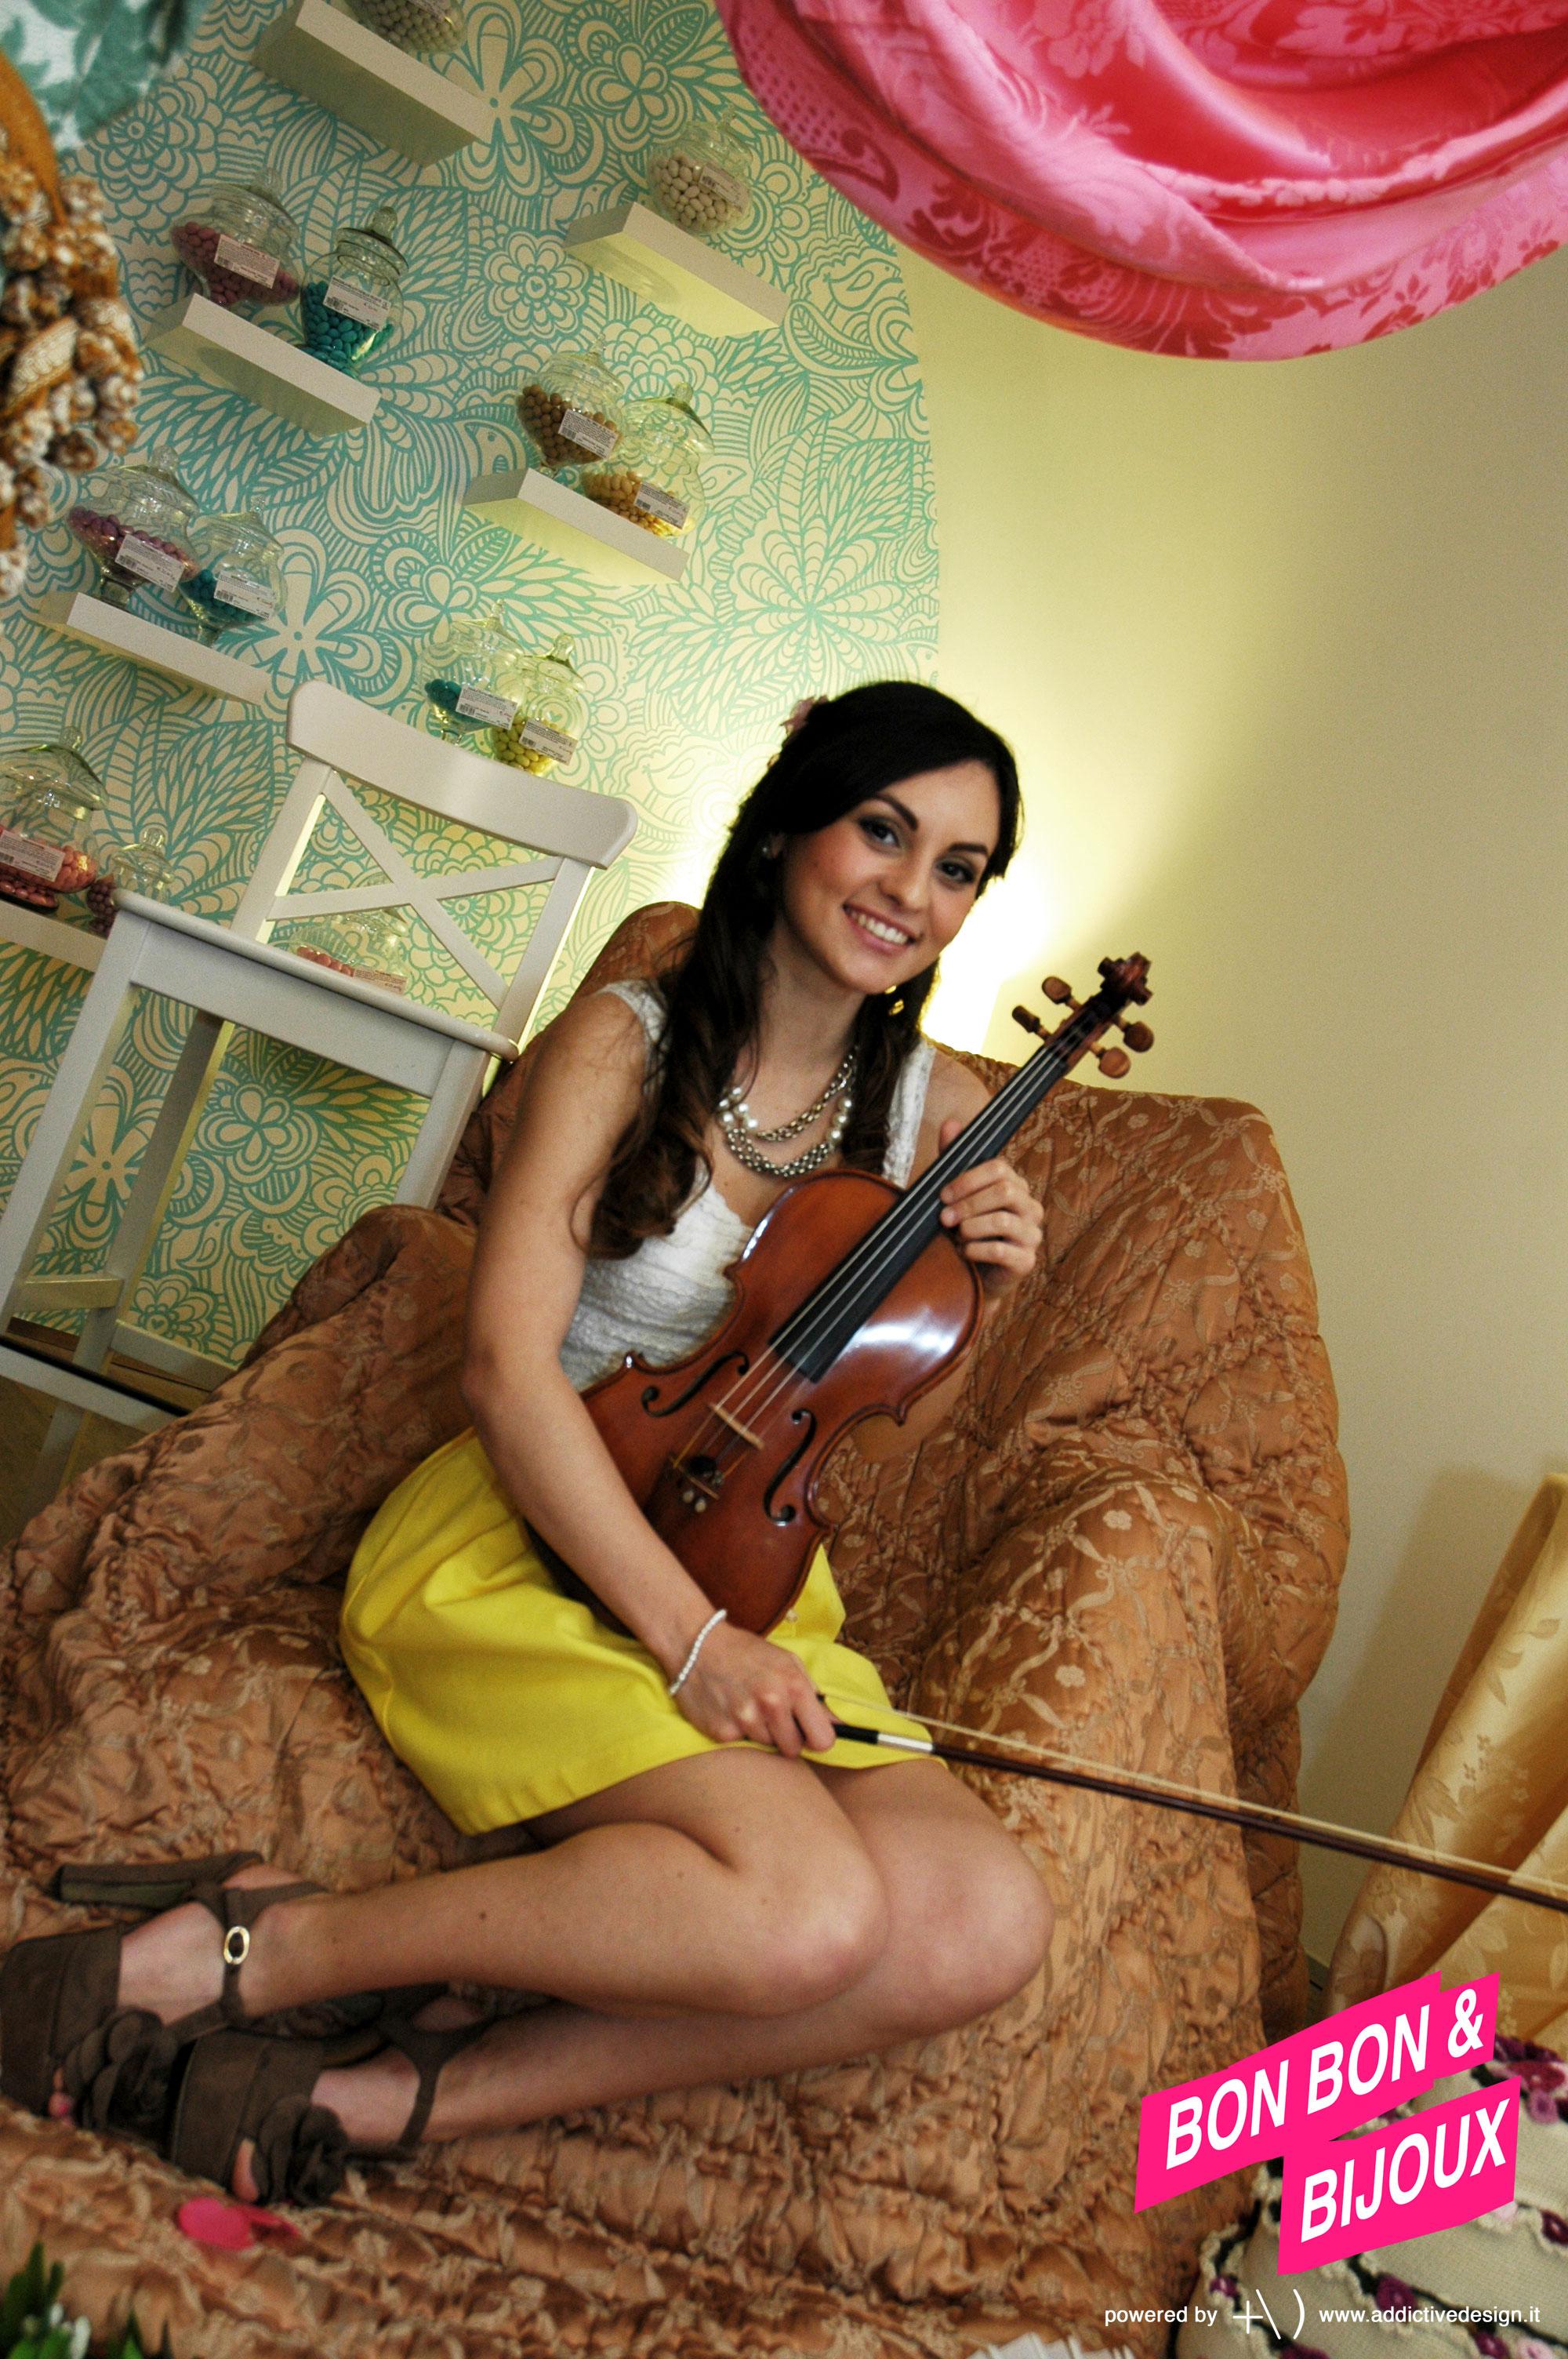 bonbon & bijoux violinista